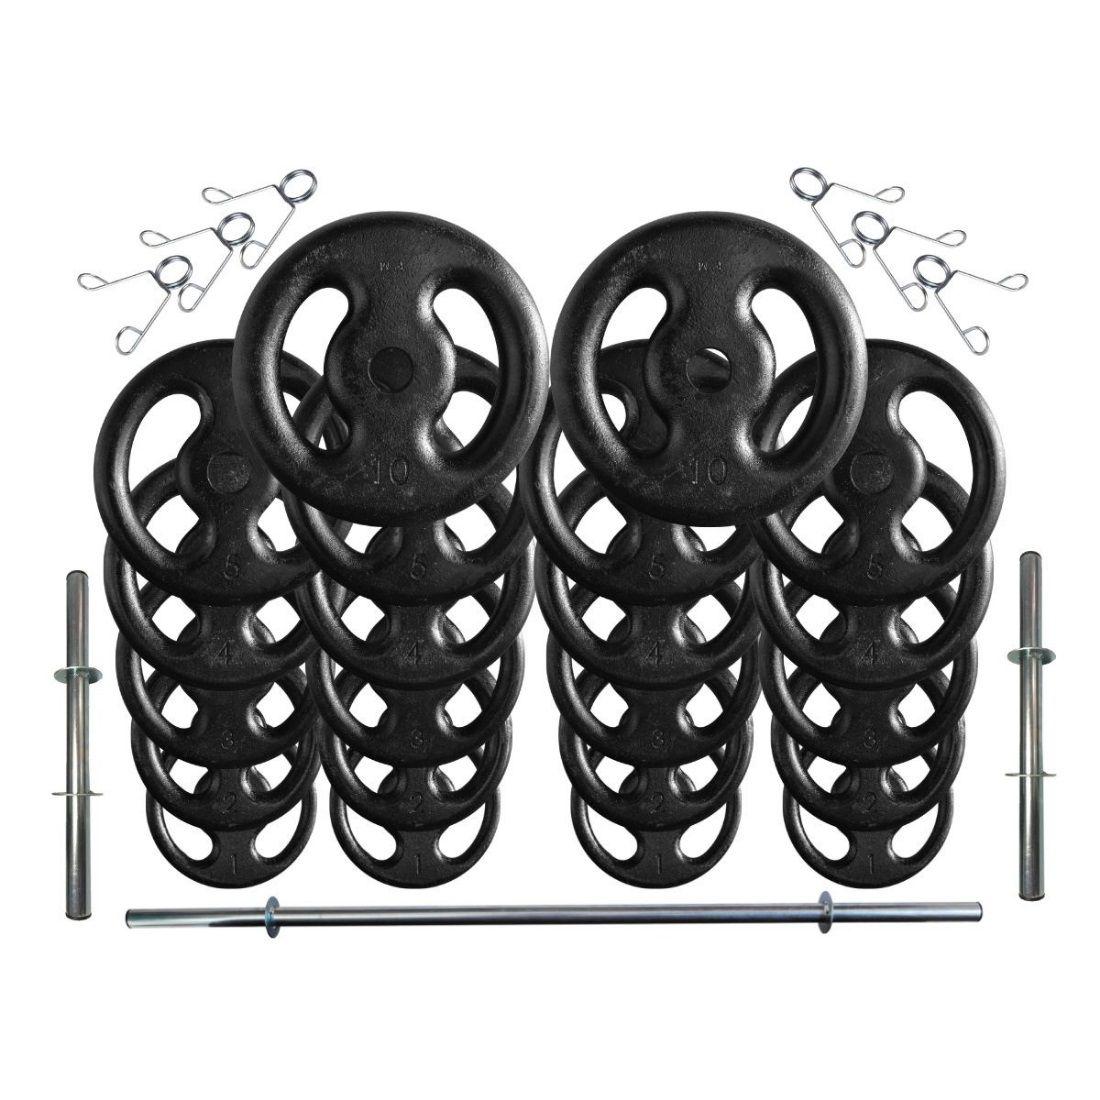 Kit com 80 Kg de Anilhas Ferro Fundido + Barras de Supino e Halteres